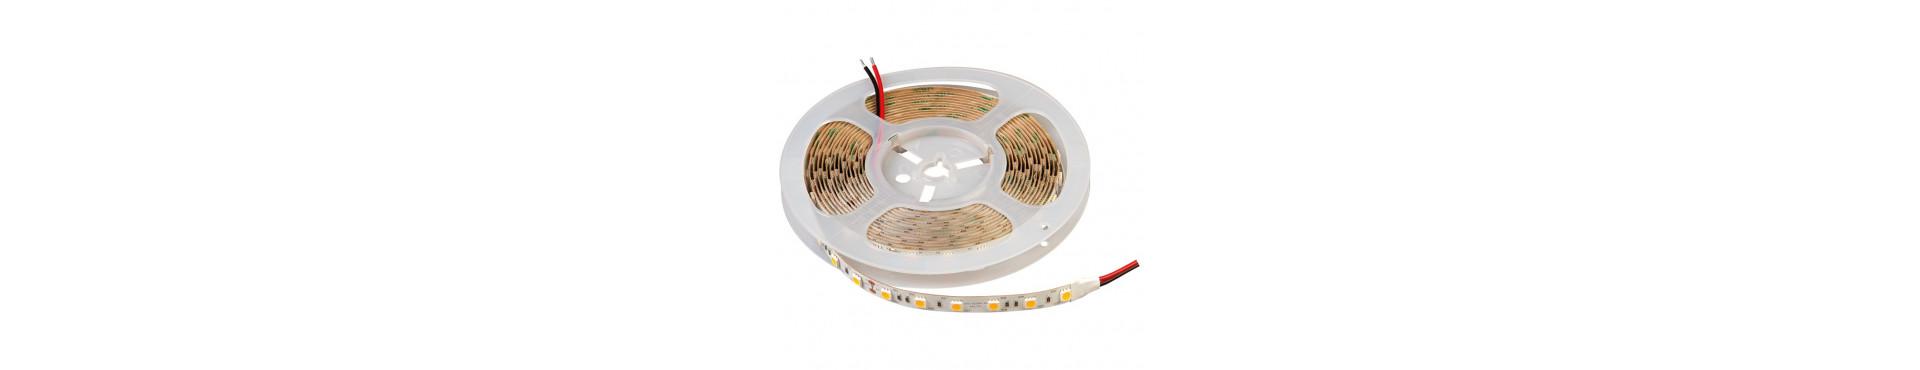 24V LED bånd - Professionel serie af 24 volts LED bånd